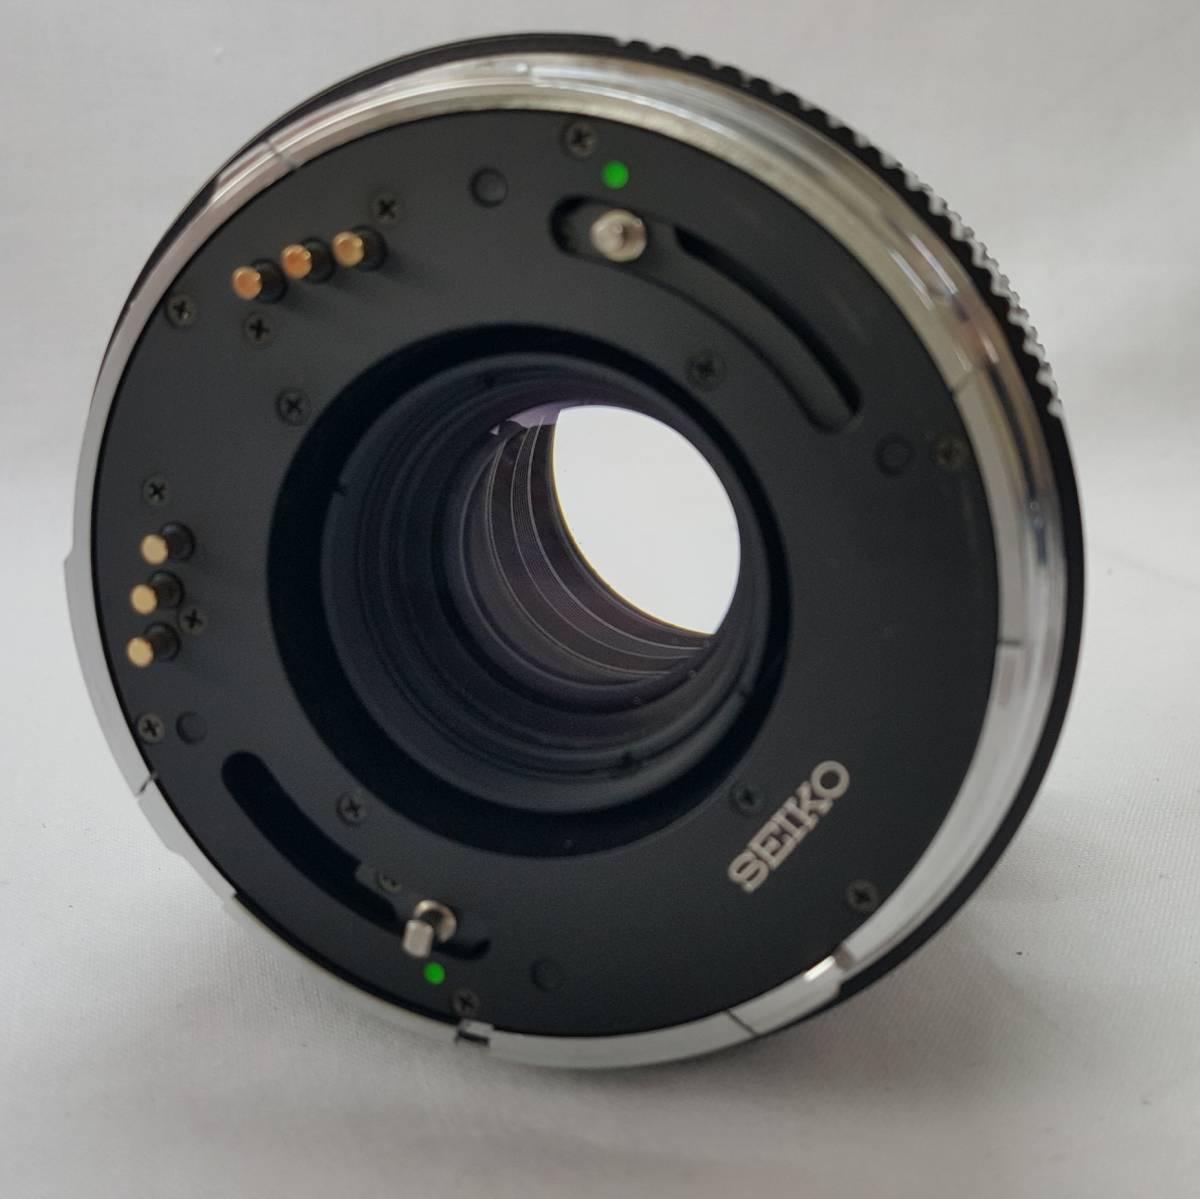 ZENZA BRONICA ETR M52 16837. ZENZANON-PE 1:3.5 f=150mm 15800769 ゼンザブロニカ 美品 レンズ+付属 (A-67)_画像7